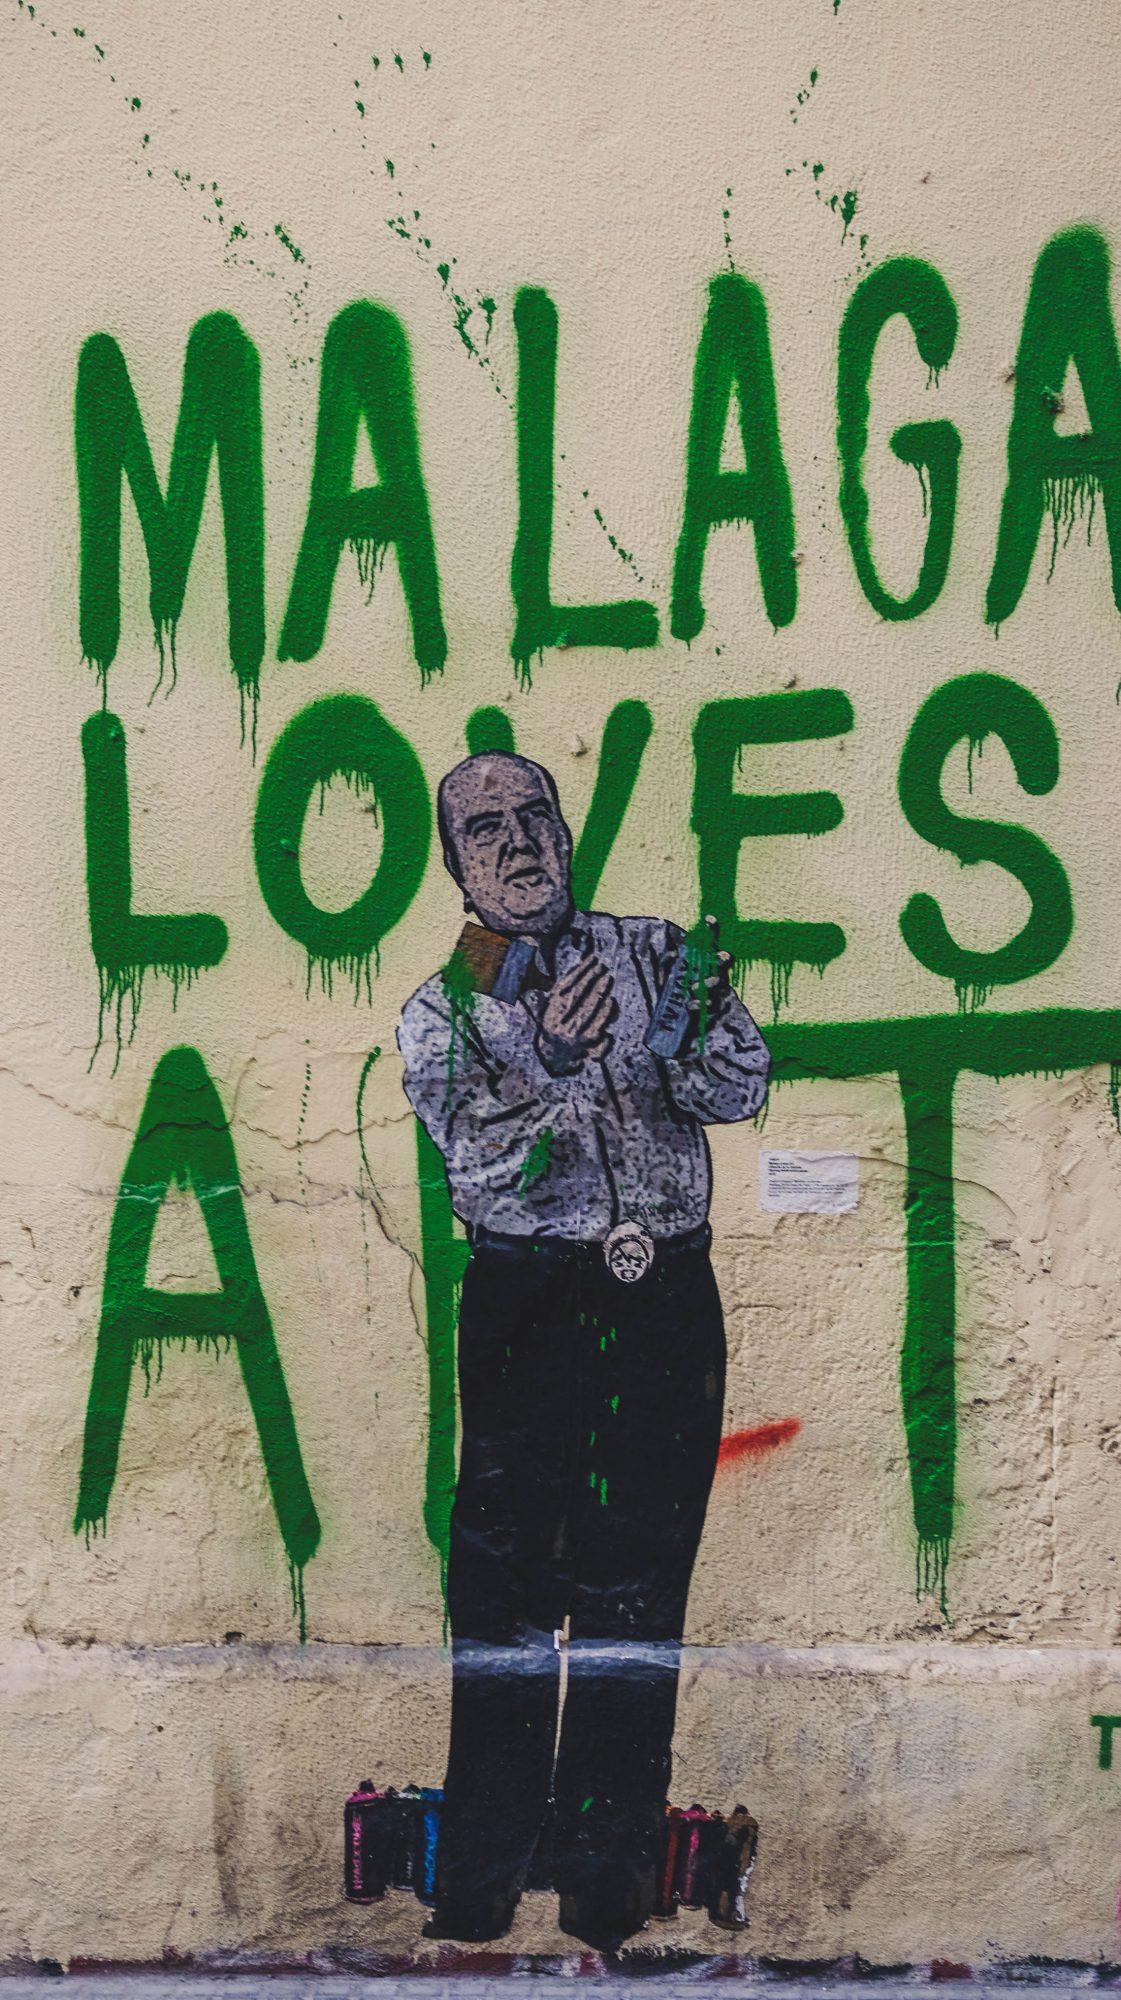 Malaga Loves Art 1.4 - Malaga, Espagne